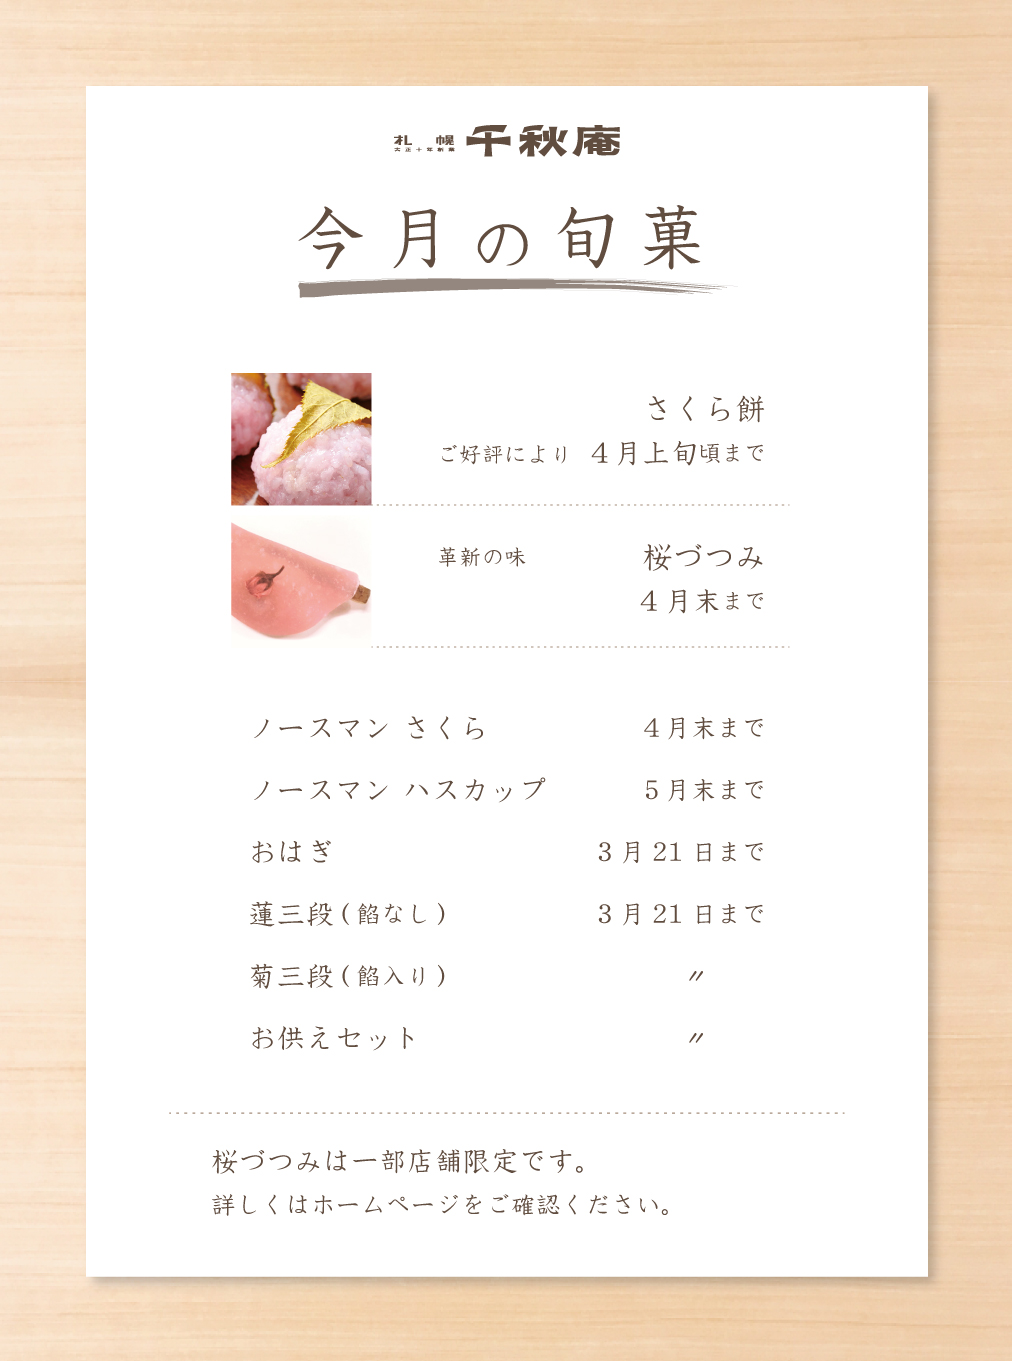 3月の旬菓